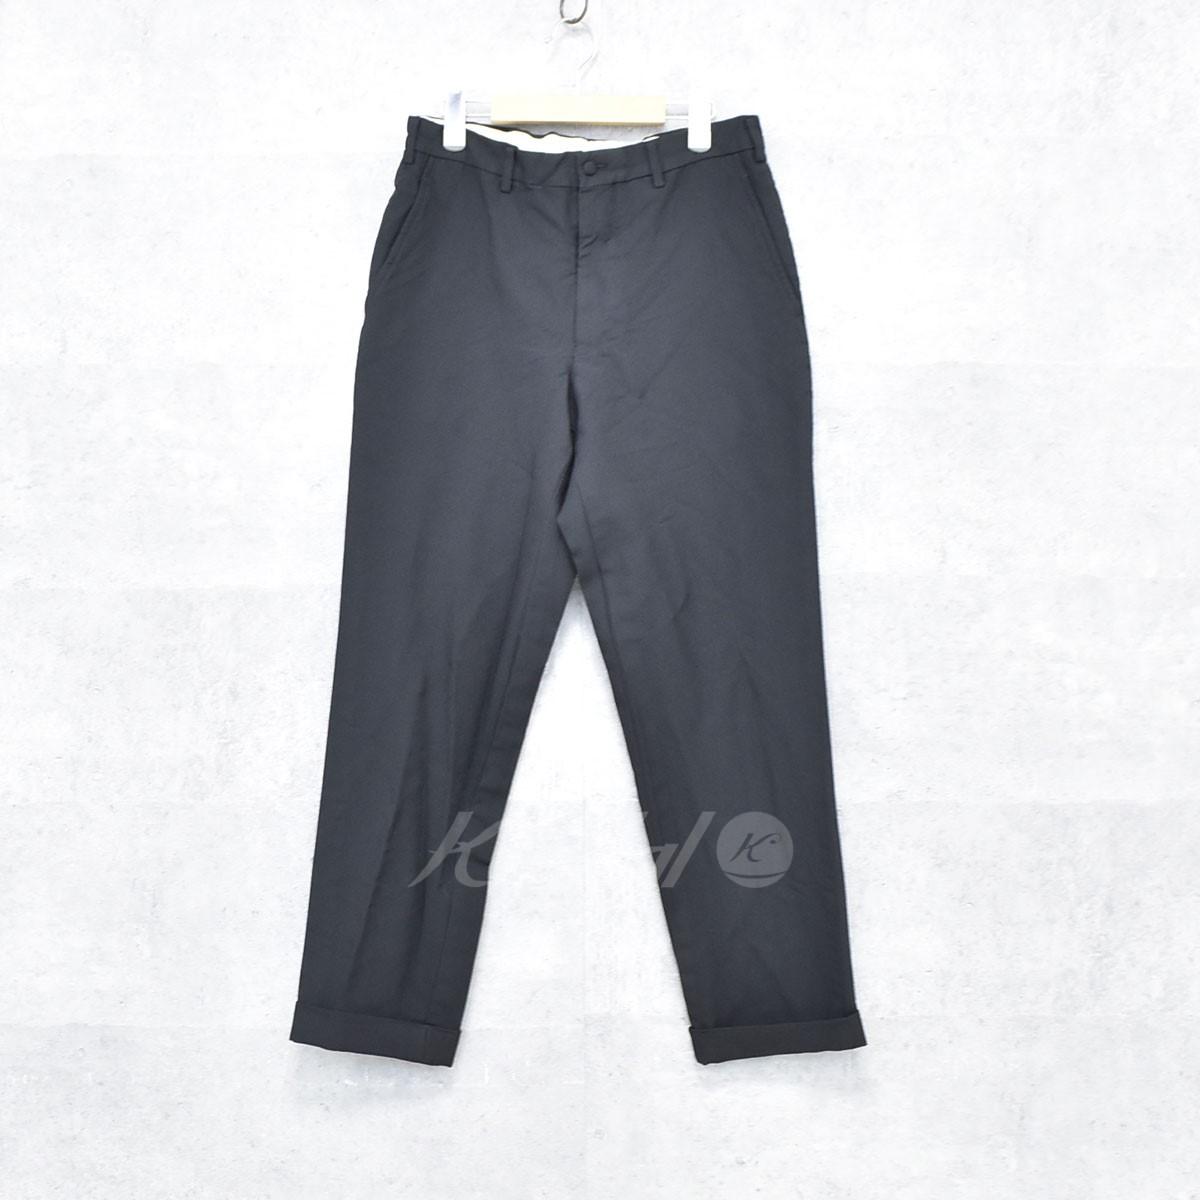 【2019春夏新色】 【中古】COMME des GARCONS HOMME ブラック DEUX 縮絨パンツ DEUX 縮絨パンツ ブラック サイズ:M【送料無料】【040818】(コムデギャルソンオムドゥ), モテギマチ:482f342c --- gipsari.com